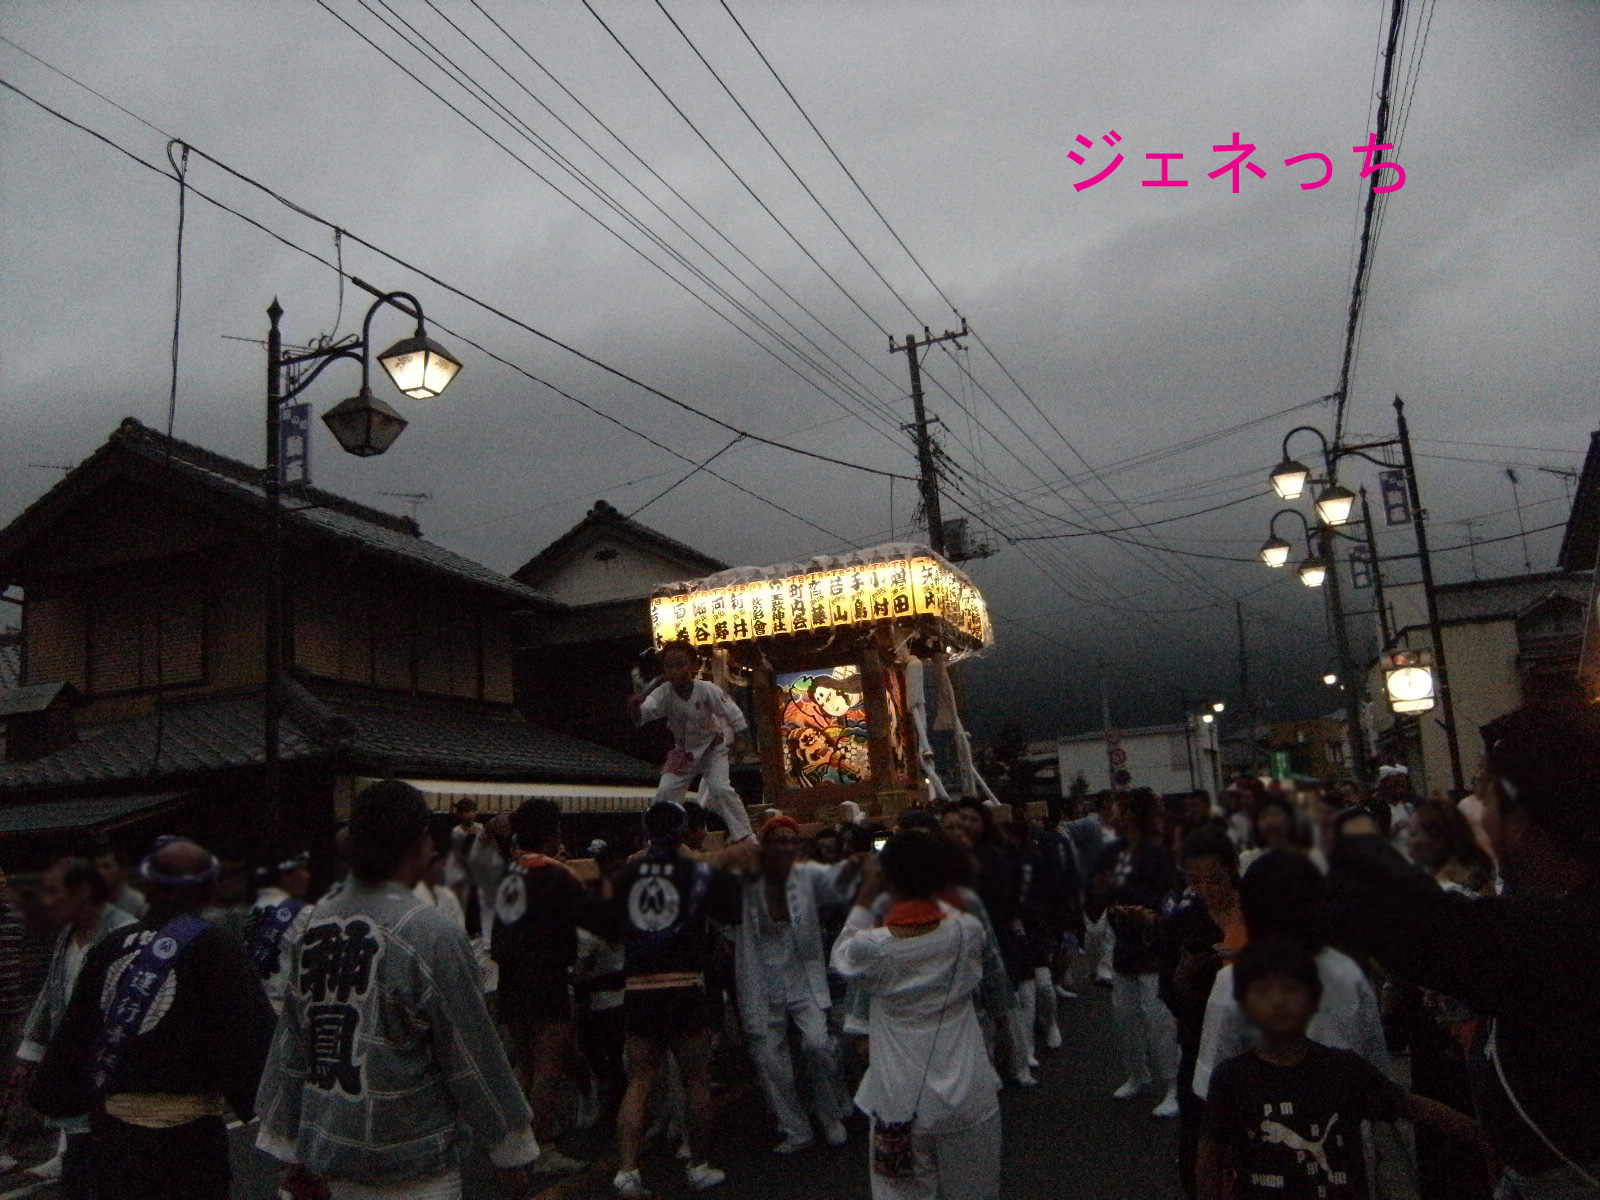 騎西の夏祭り2013.⑩